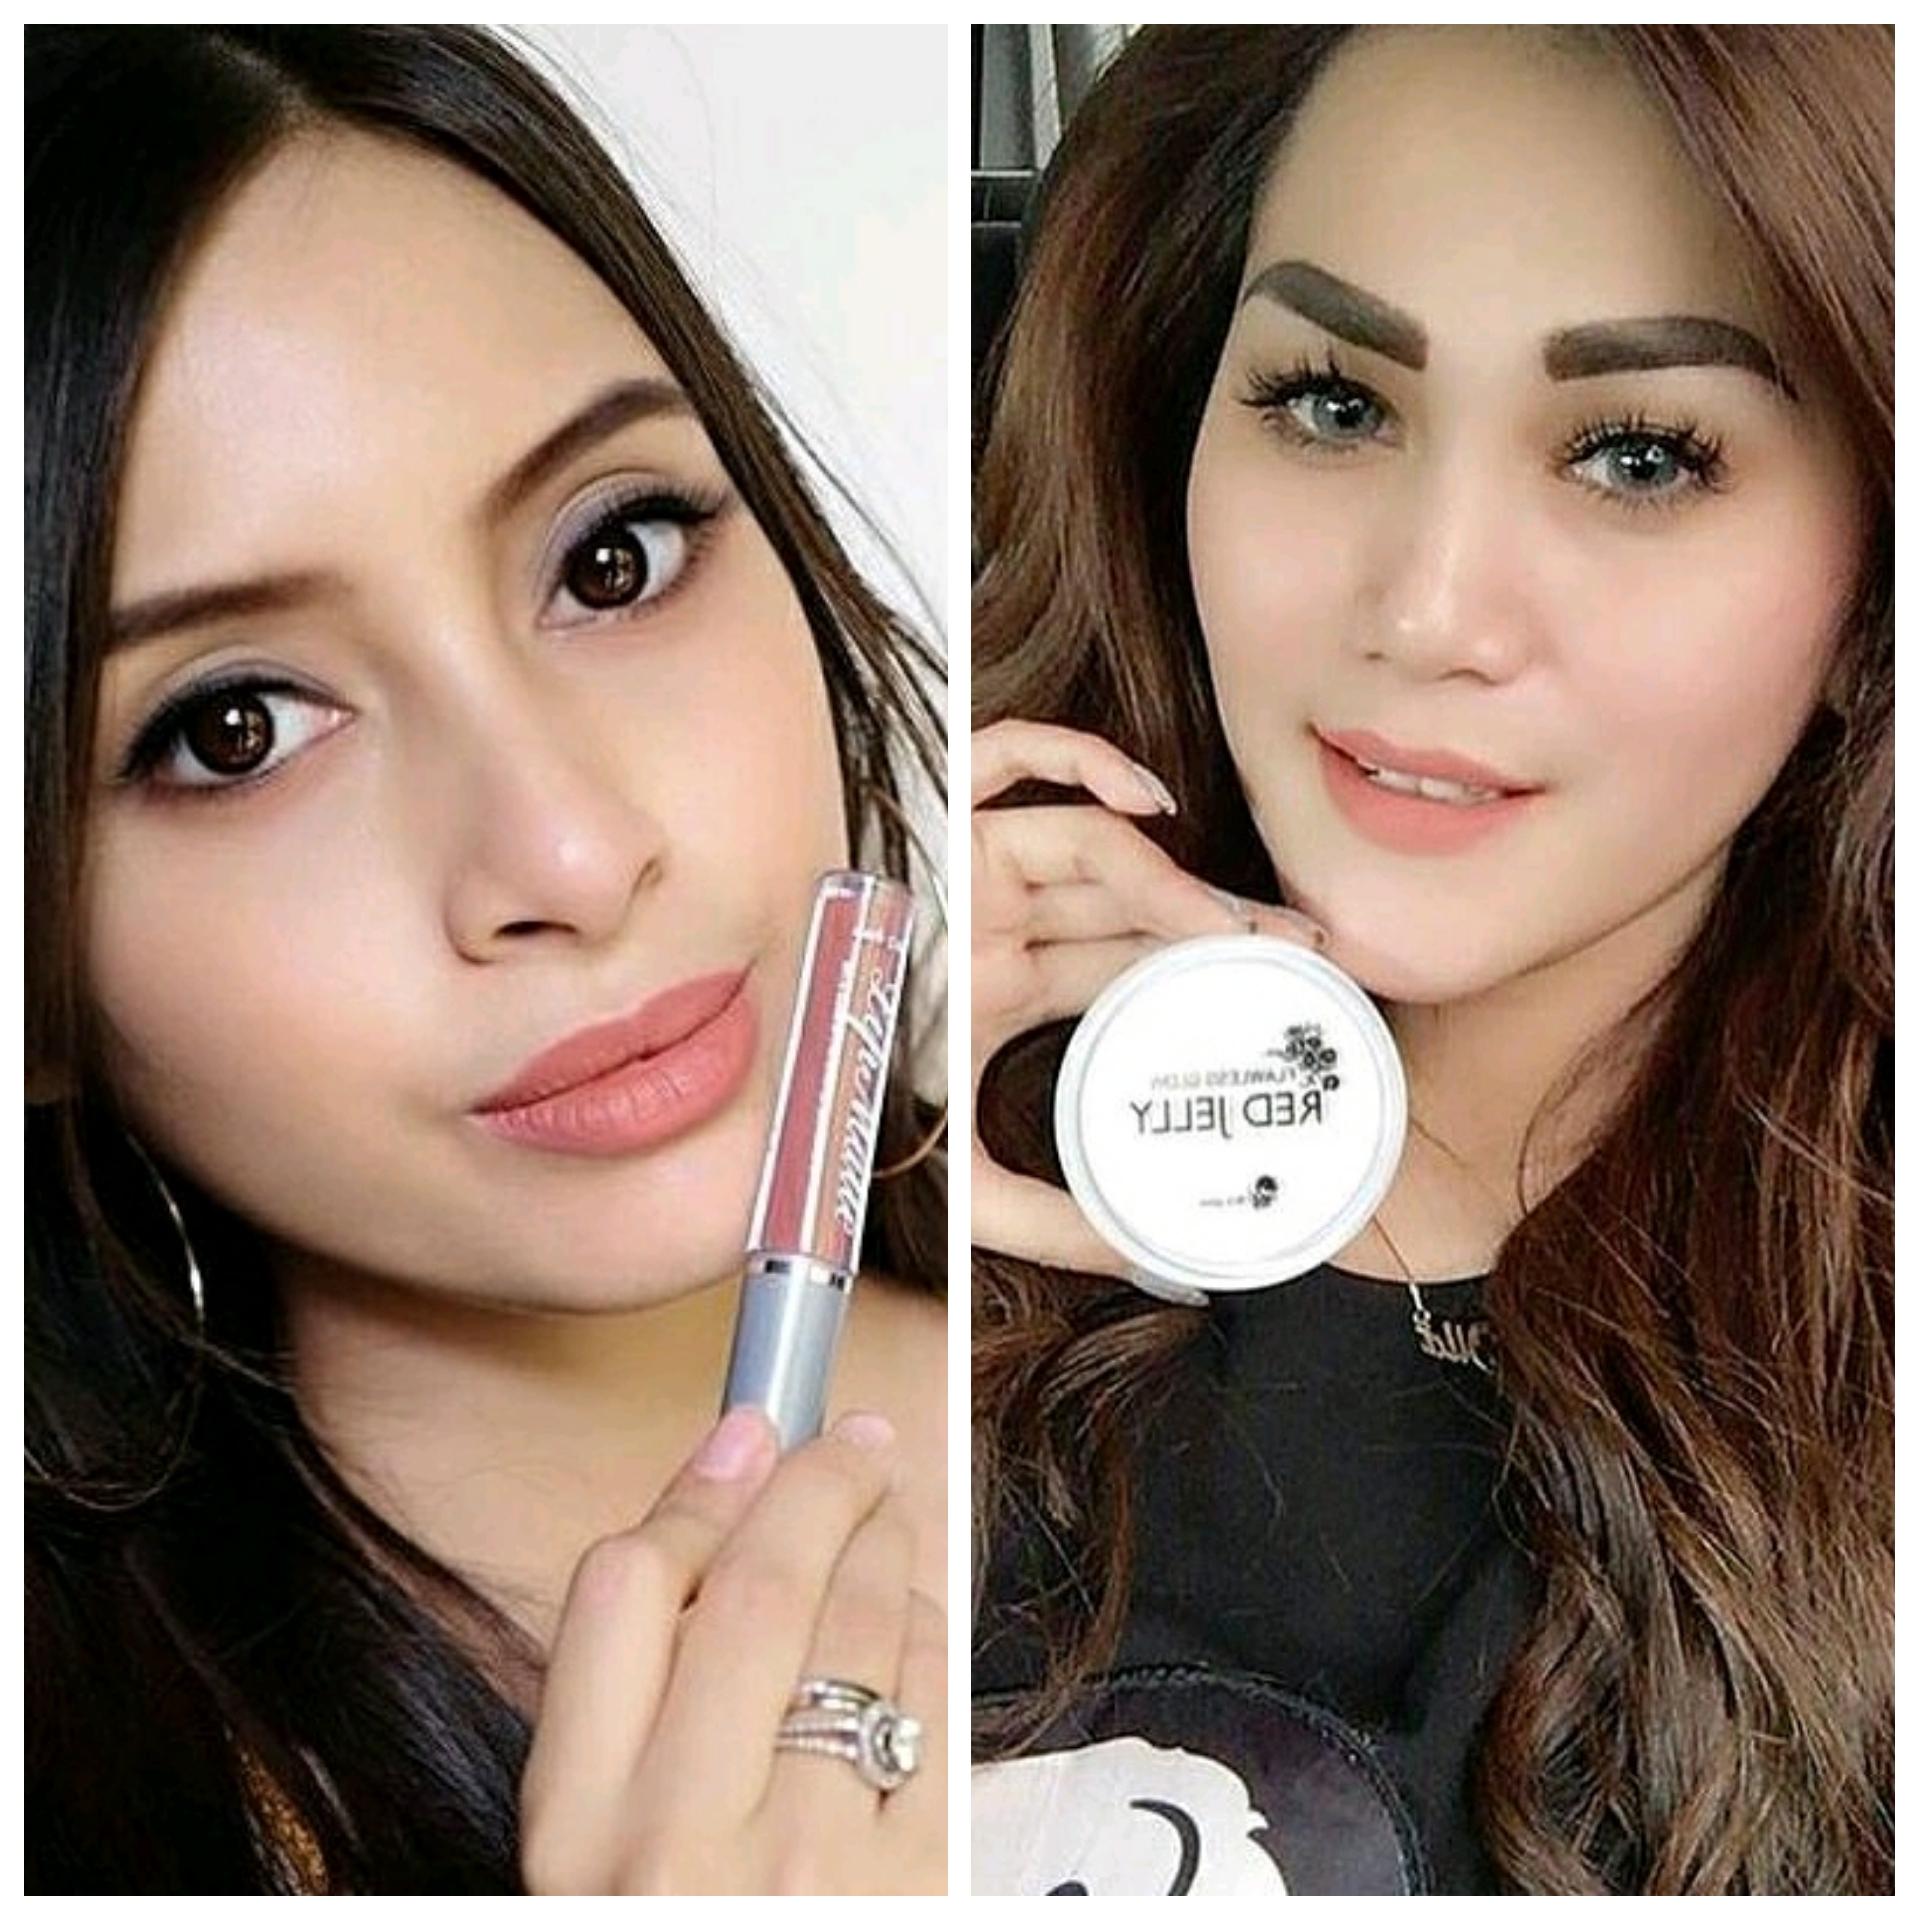 Official Distributor Resmi Pratista Skincare Aman Bpom: Ms Glow Skincare Membuat Wajah Makin Cerah